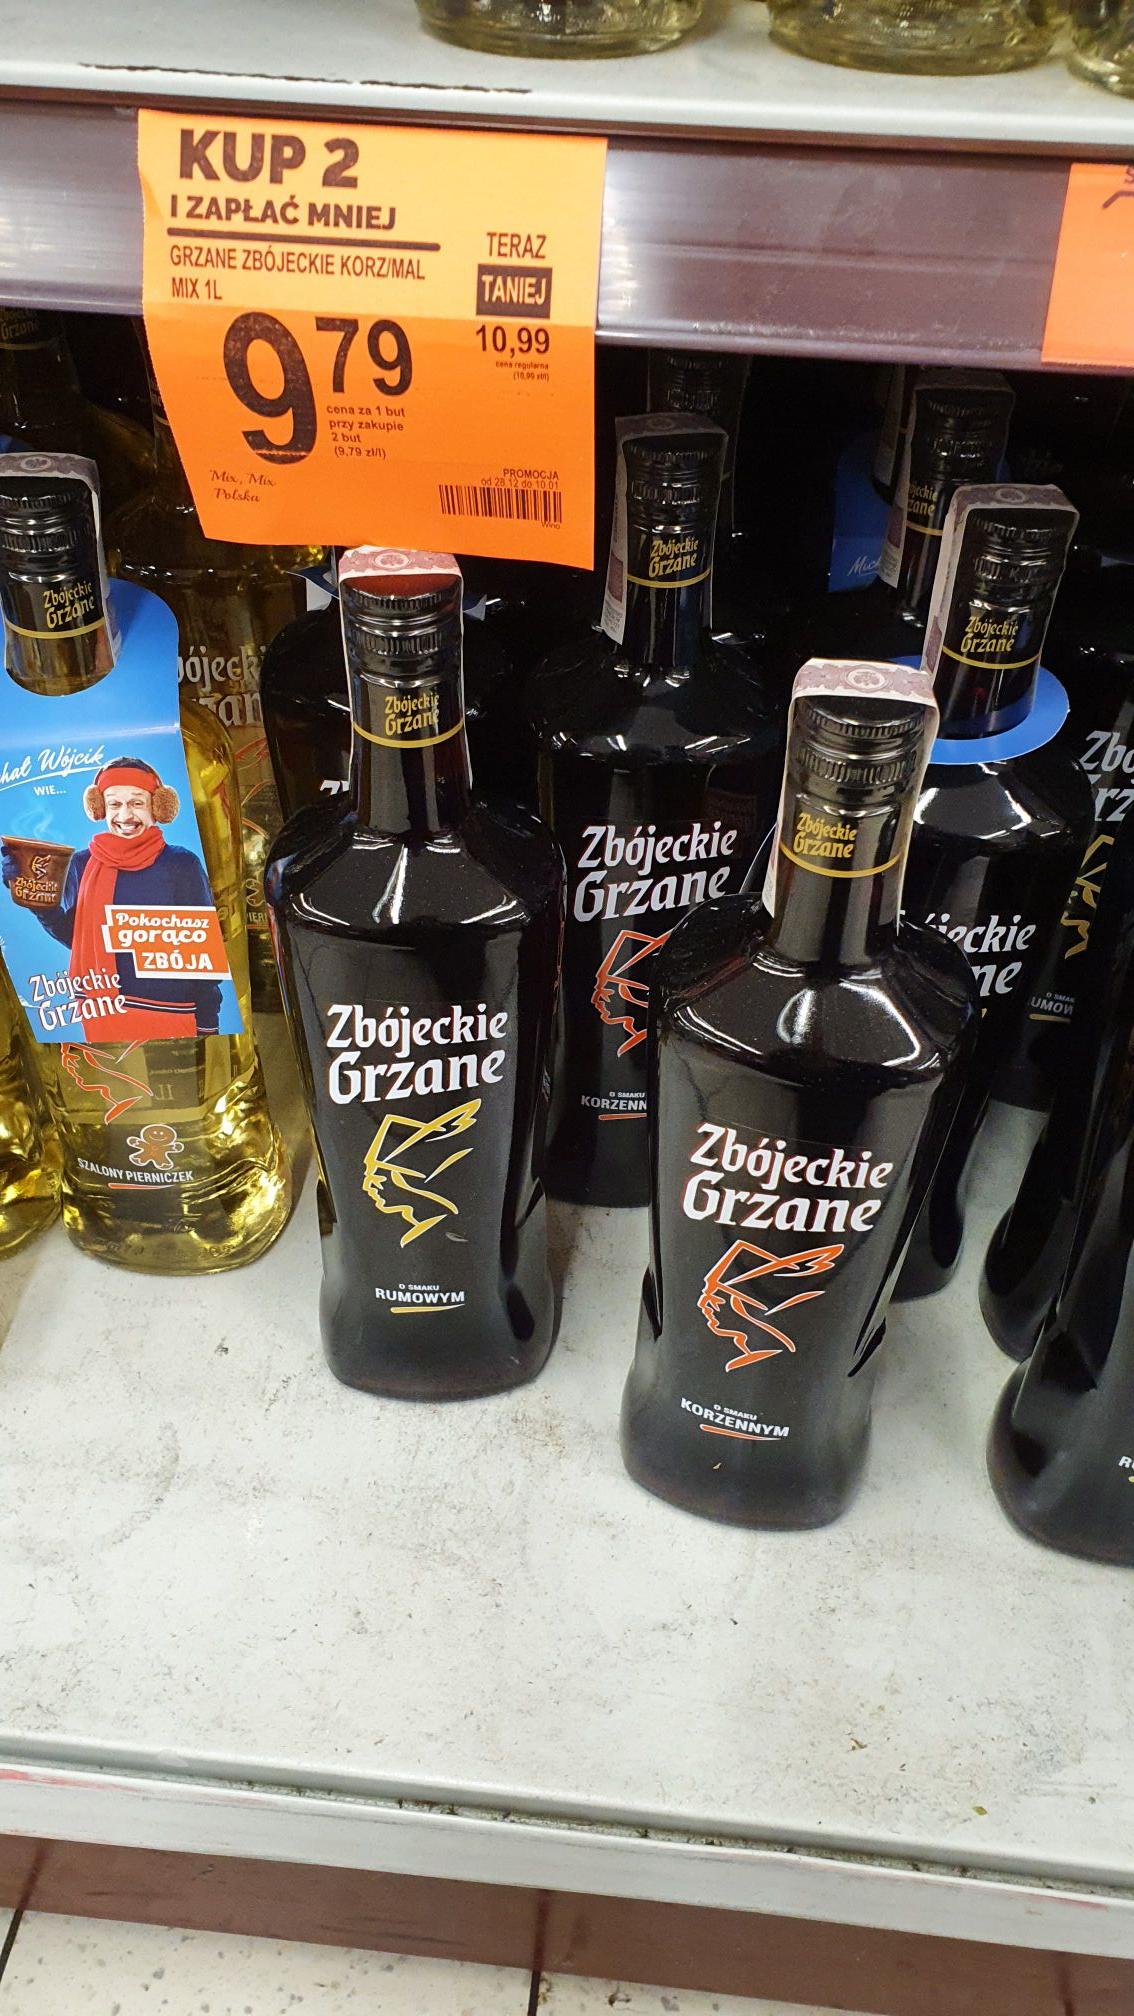 Grzane Zbójeckie o smaku korzennym, ciasteczkowym lub rumowym butelka litrowa